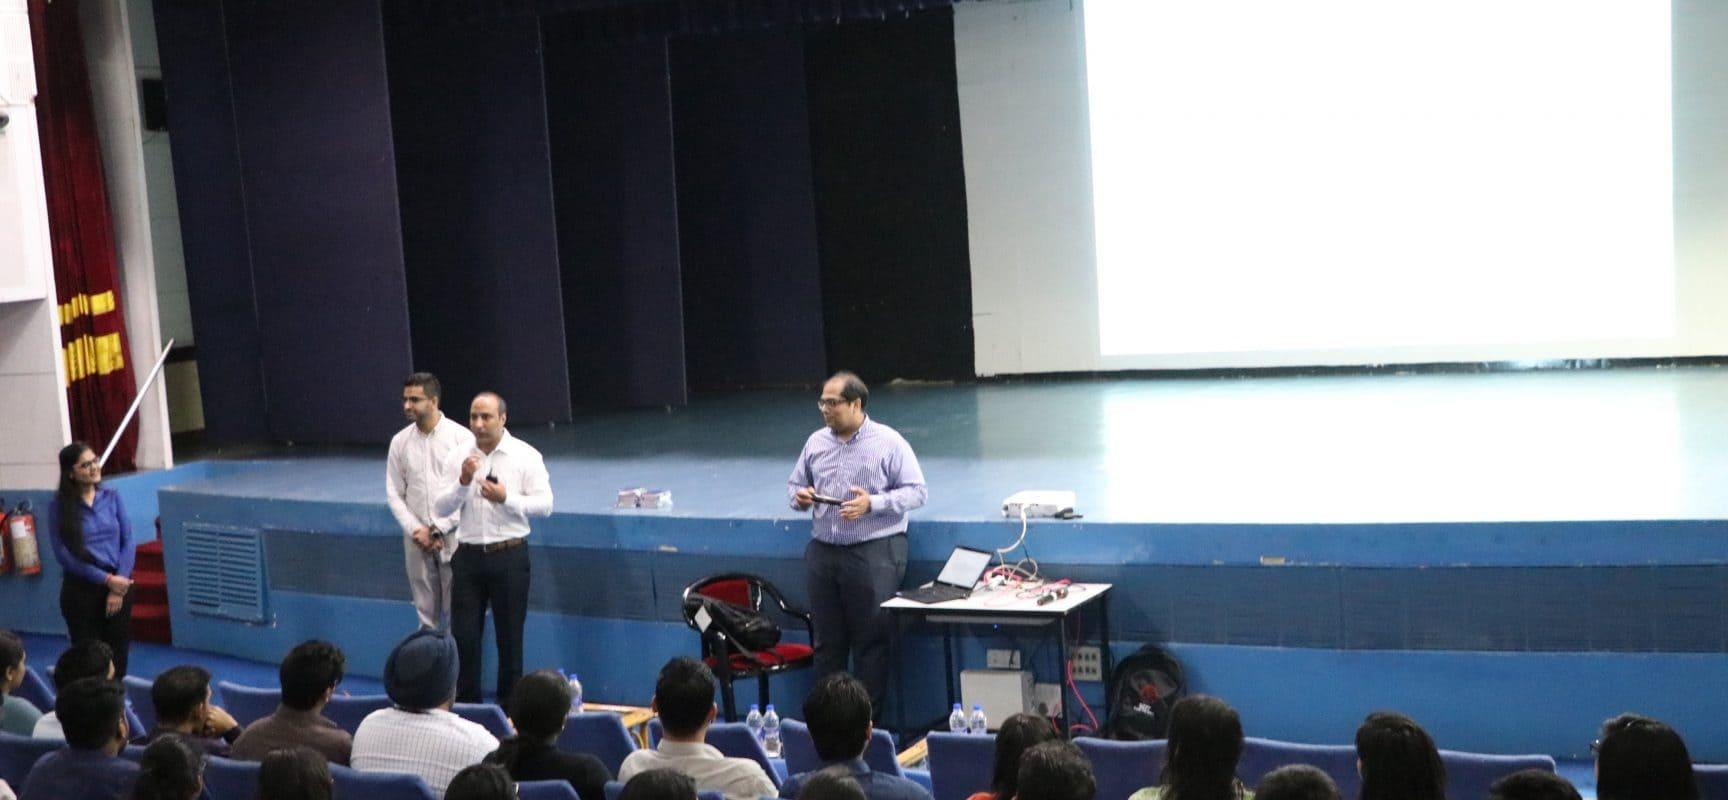 Campus workshop on Risk and Information Management